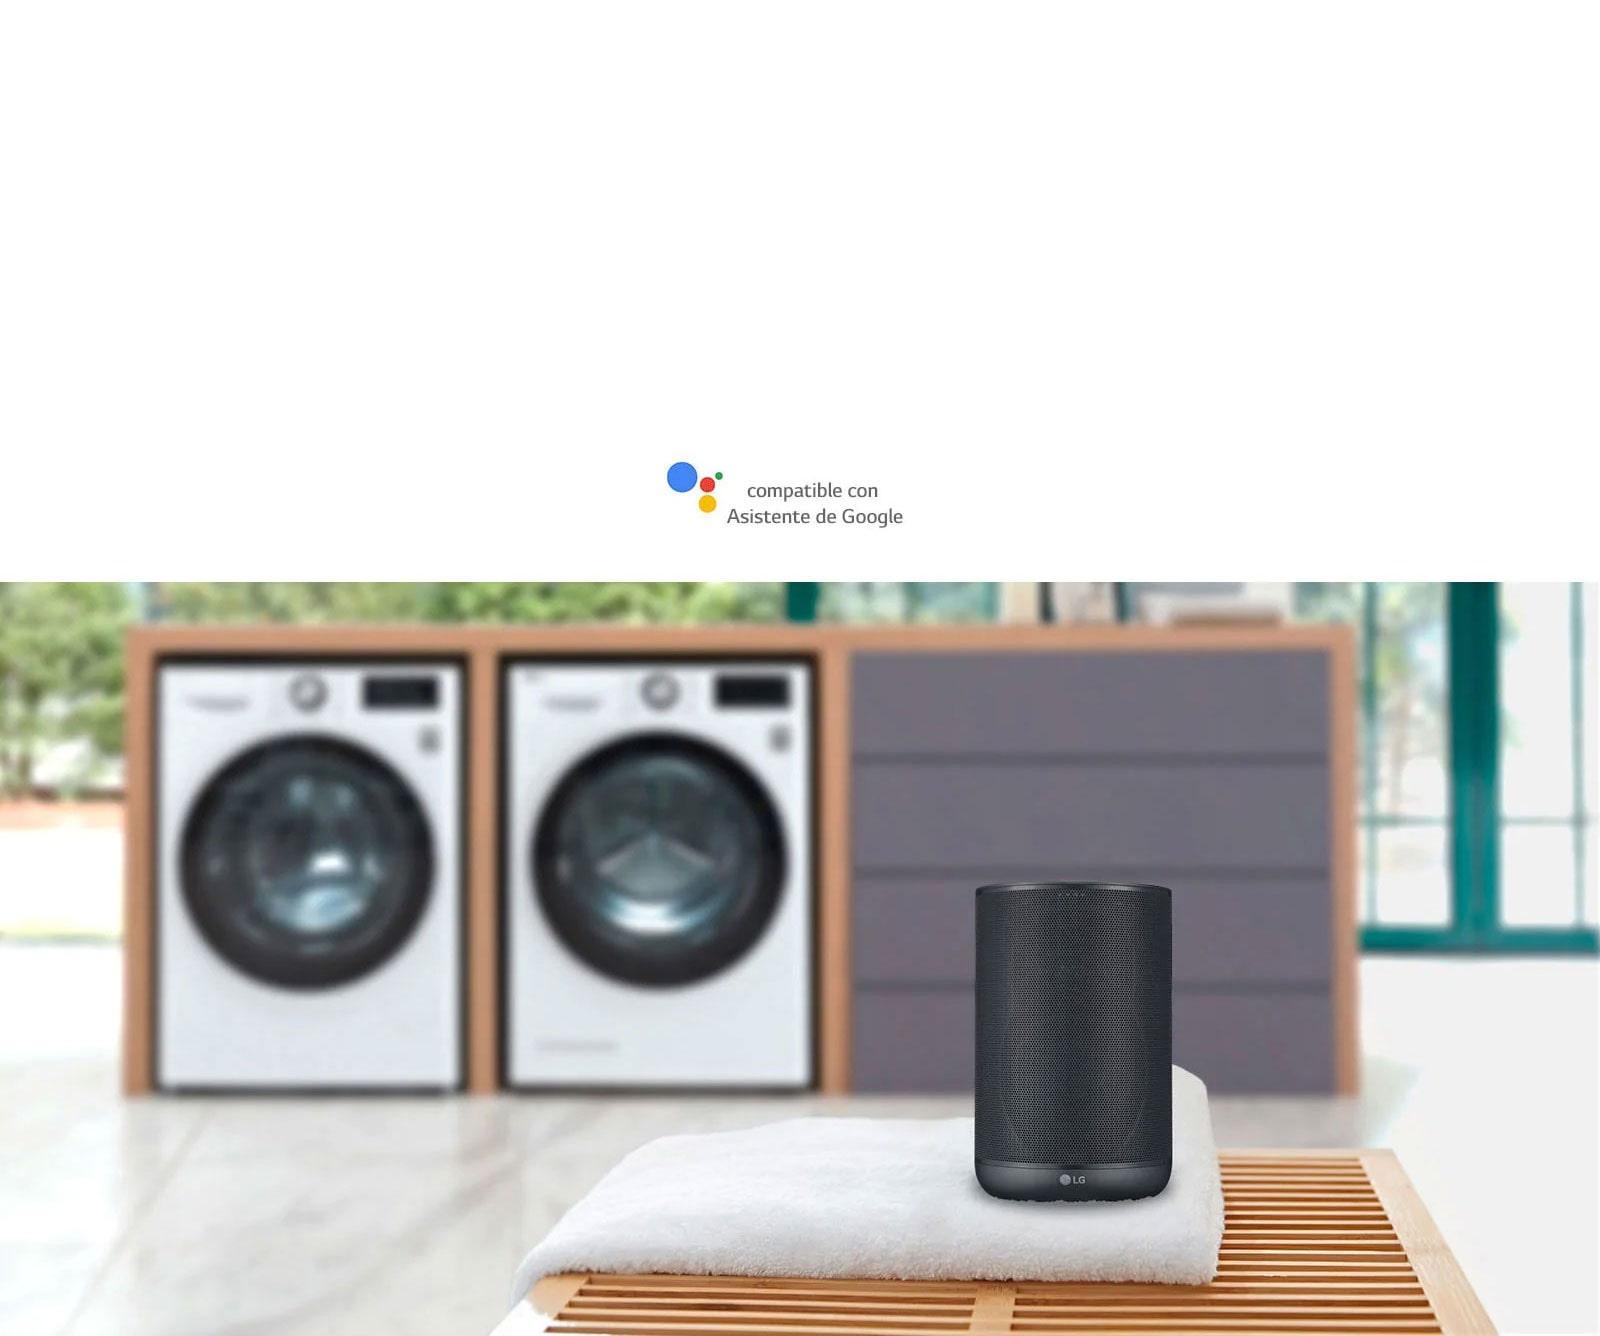 Lavasecadoras inteligentes para el futuro3